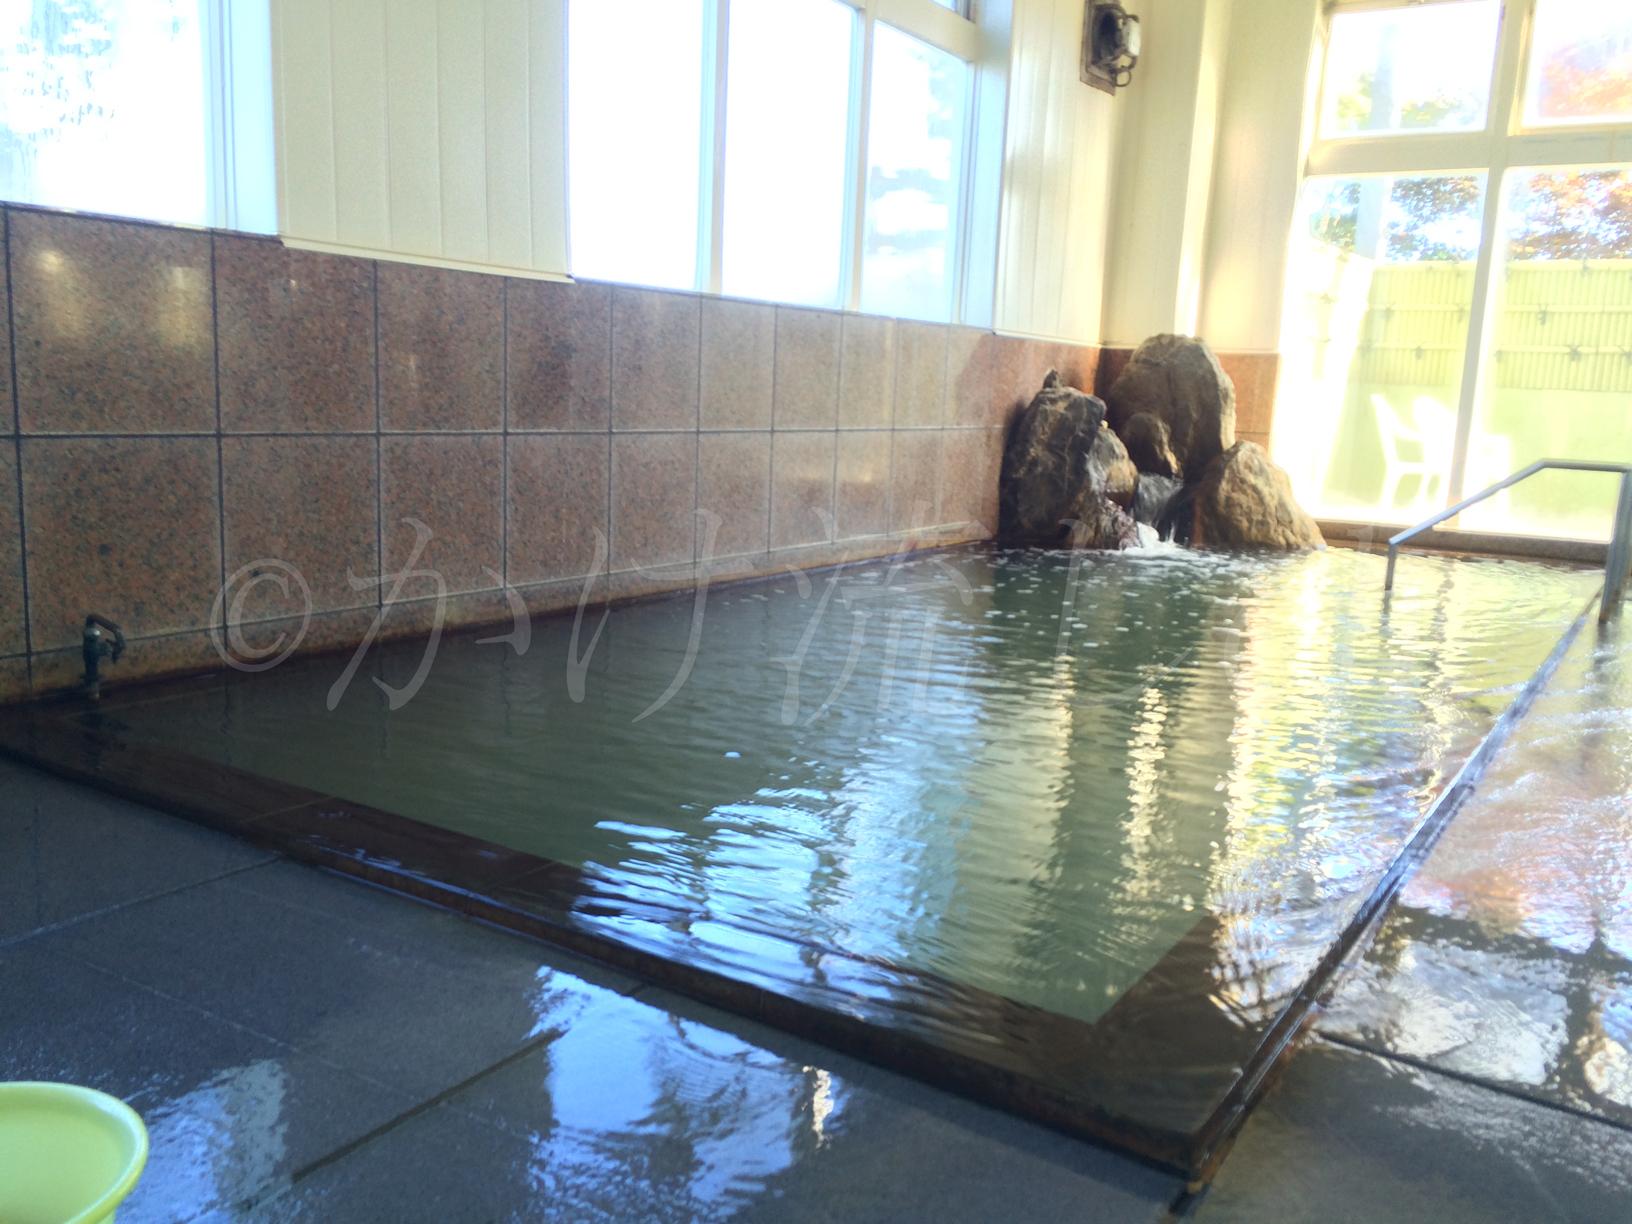 八雲町和の湯(やわらぎのゆ)は成分の濃い塩化物強塩泉がかけ流し!